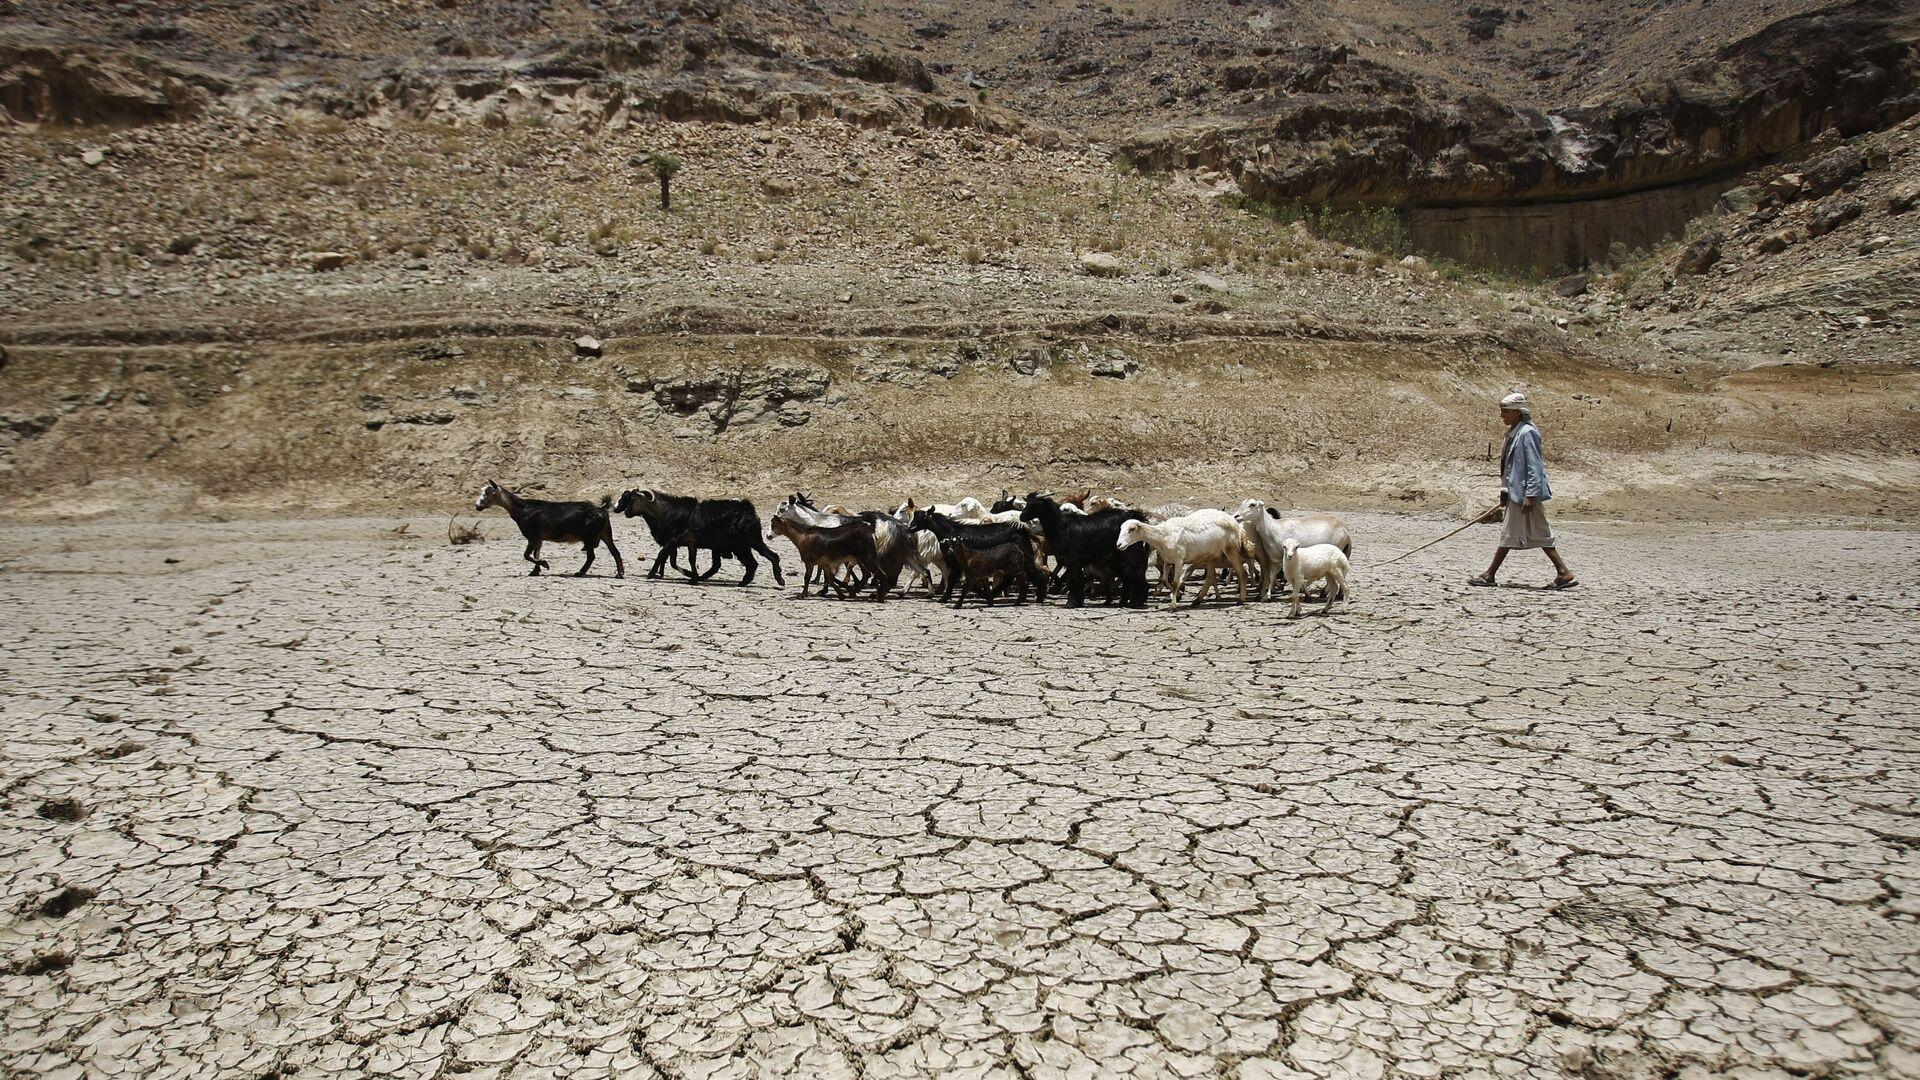 Пастух ведет стадо коз через плотину, пострадавшую от засухи, на окраине города Сана, Йемен - Sputnik Тоҷикистон, 1920, 23.07.2021